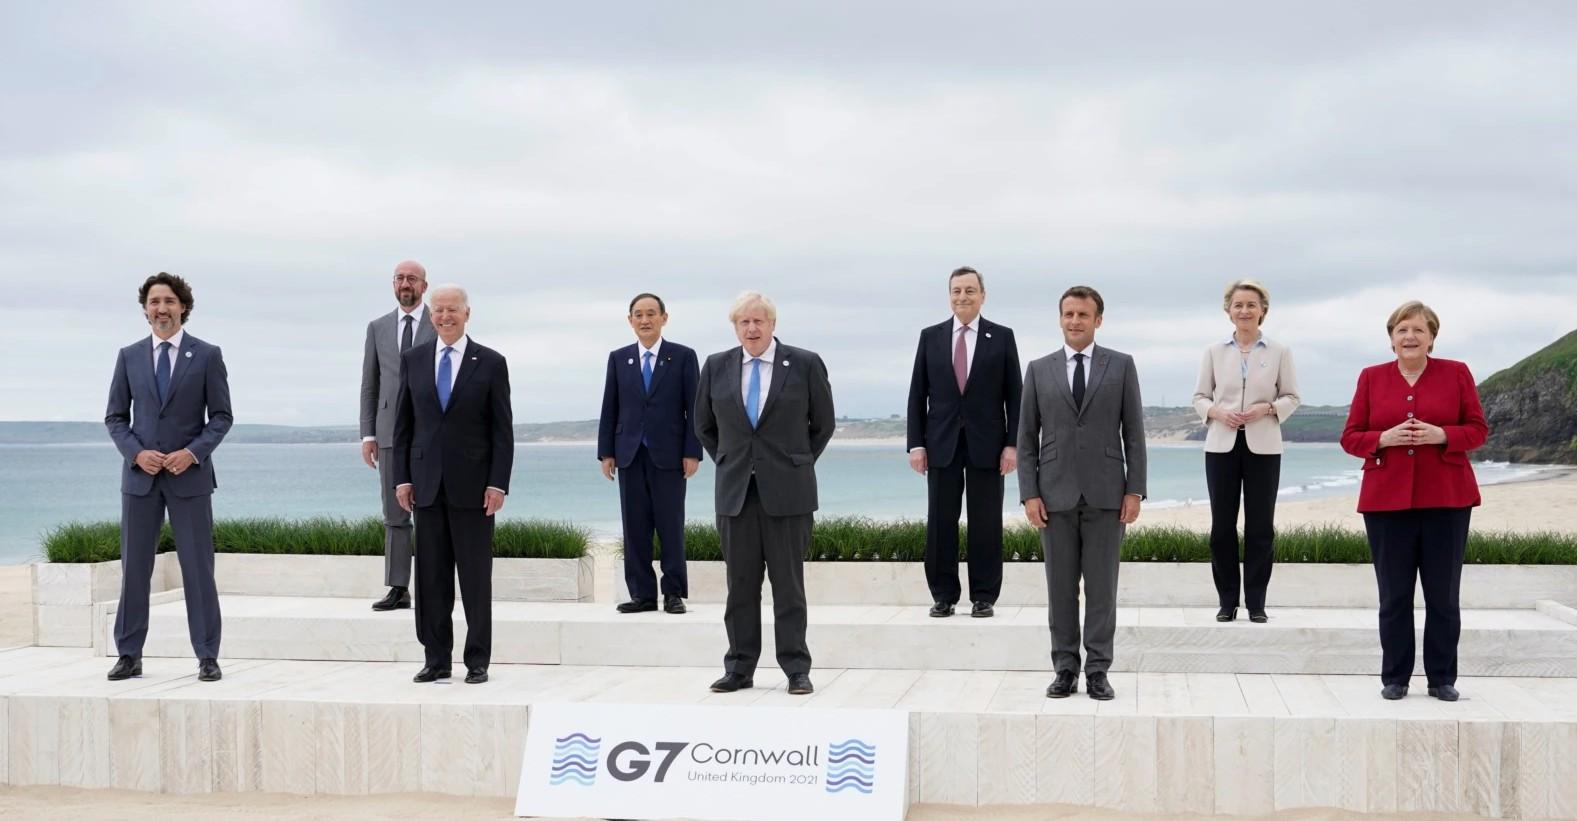 Kina dënon deklaratën e grupit G7